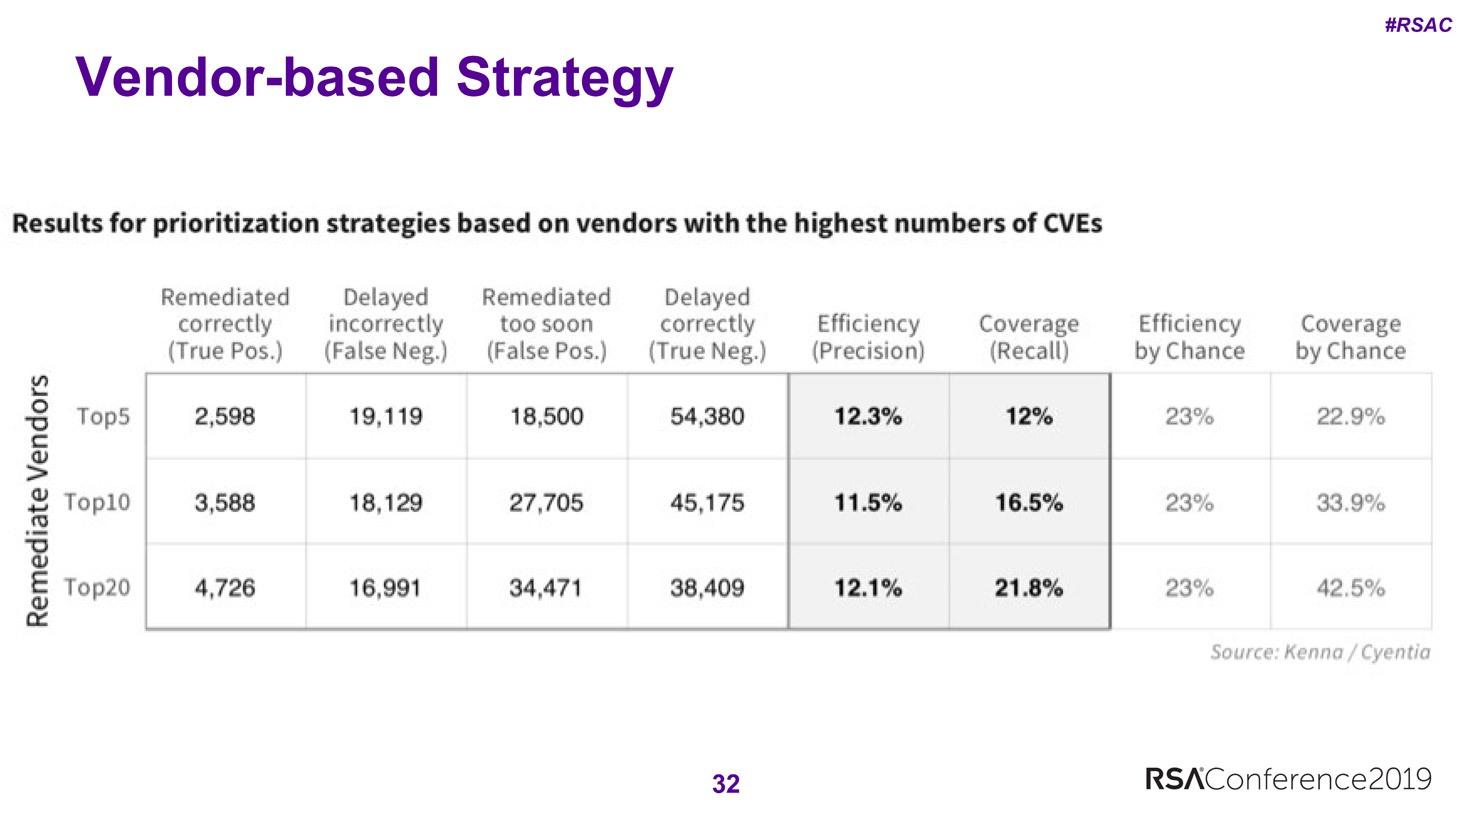 Le strategie che si basano sui vendor sono molto meno efficaci rispetto all'installazione casuale delle patch